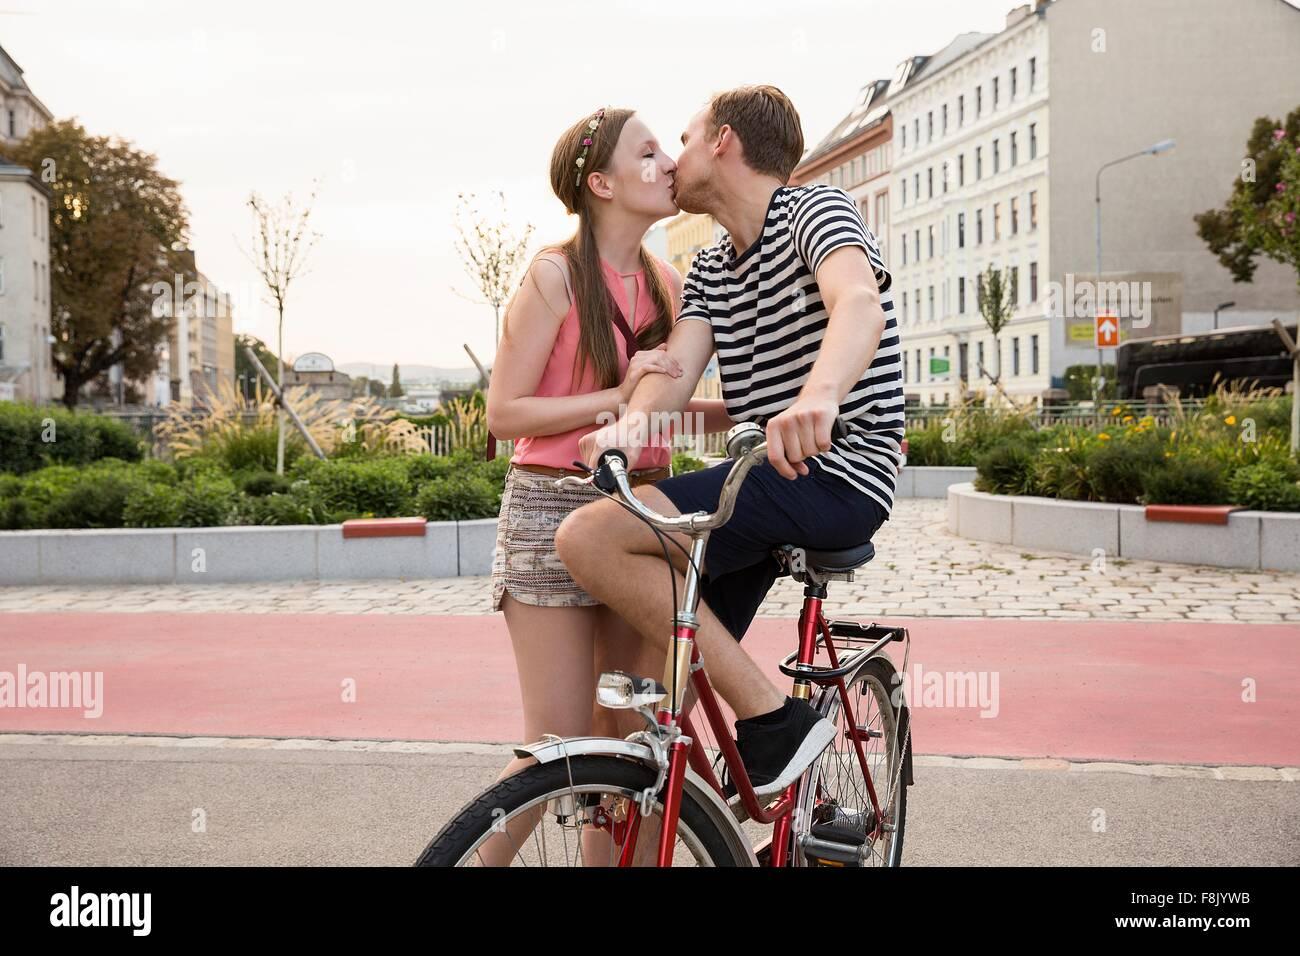 Jeune homme assis sur sa bicyclette kissing young woman Banque D'Images